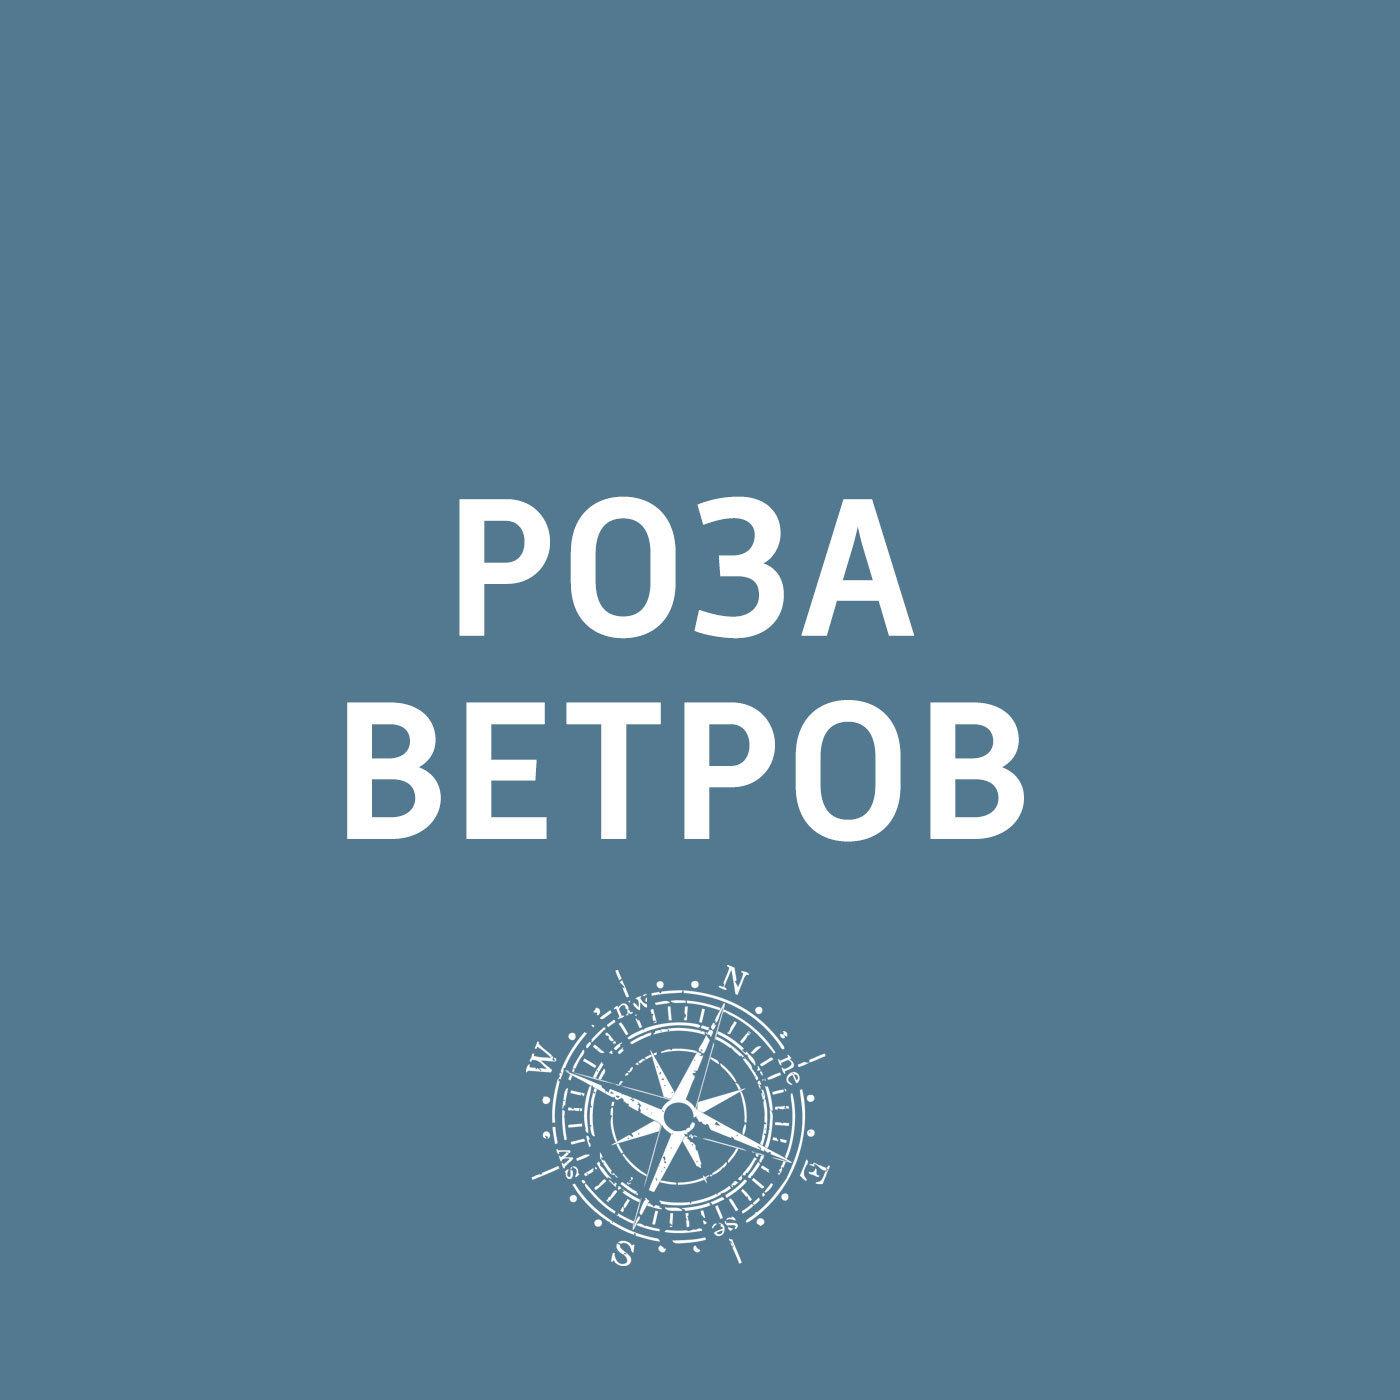 Творческий коллектив шоу «Уральские самоцветы» названы самые популярные города России на Масленицу джараш в екатеринбурге